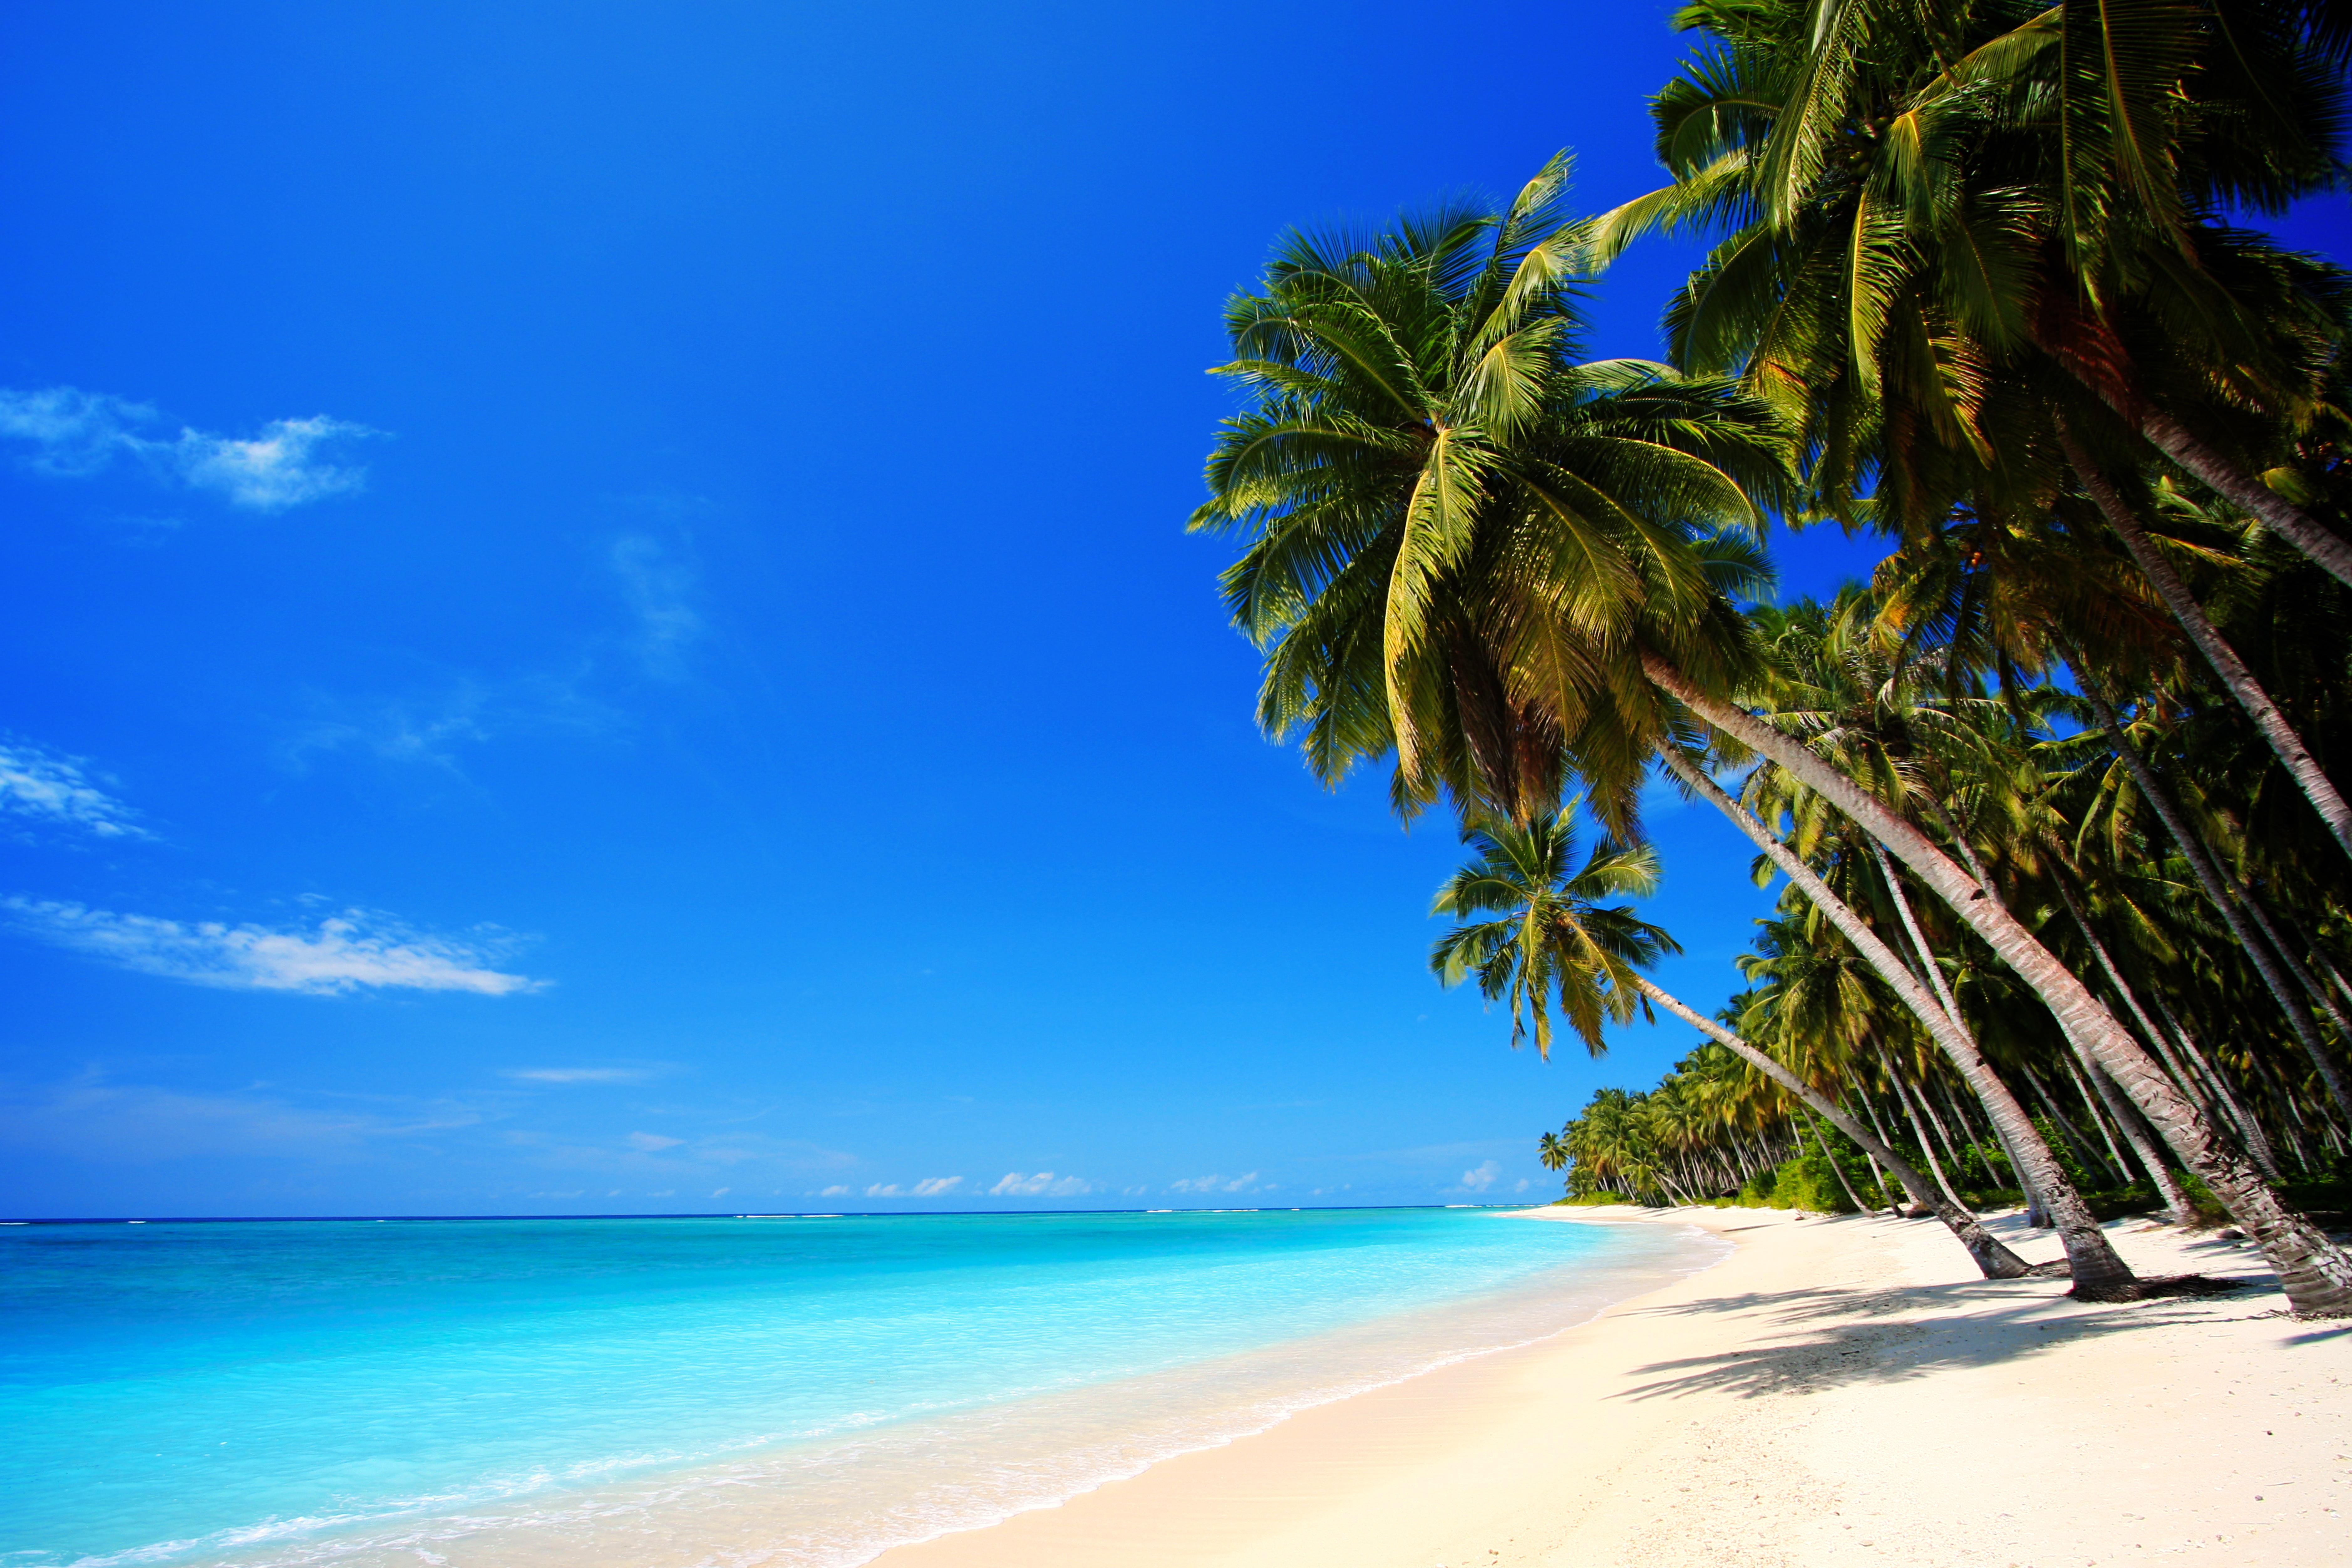 Скачать Обои На Рабочий Стол Пляж